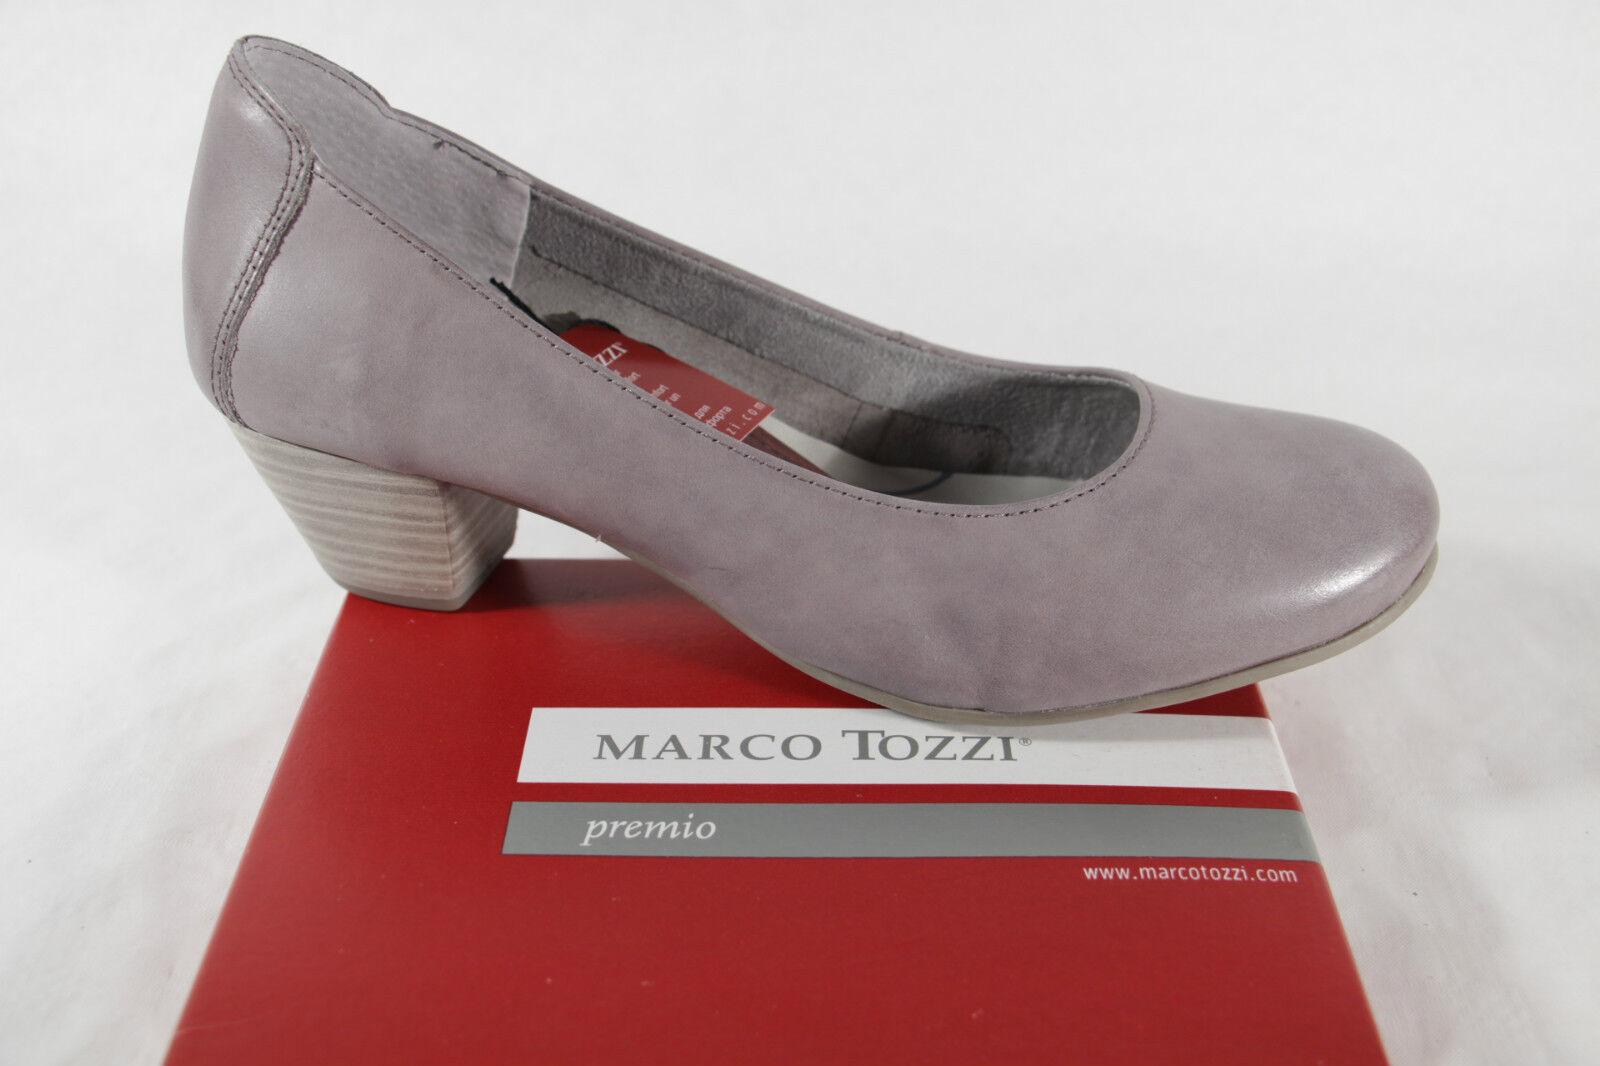 Marco Tozzi Mocasines, zapatos de tacón gris, Suave Suela Interior, NUEVO